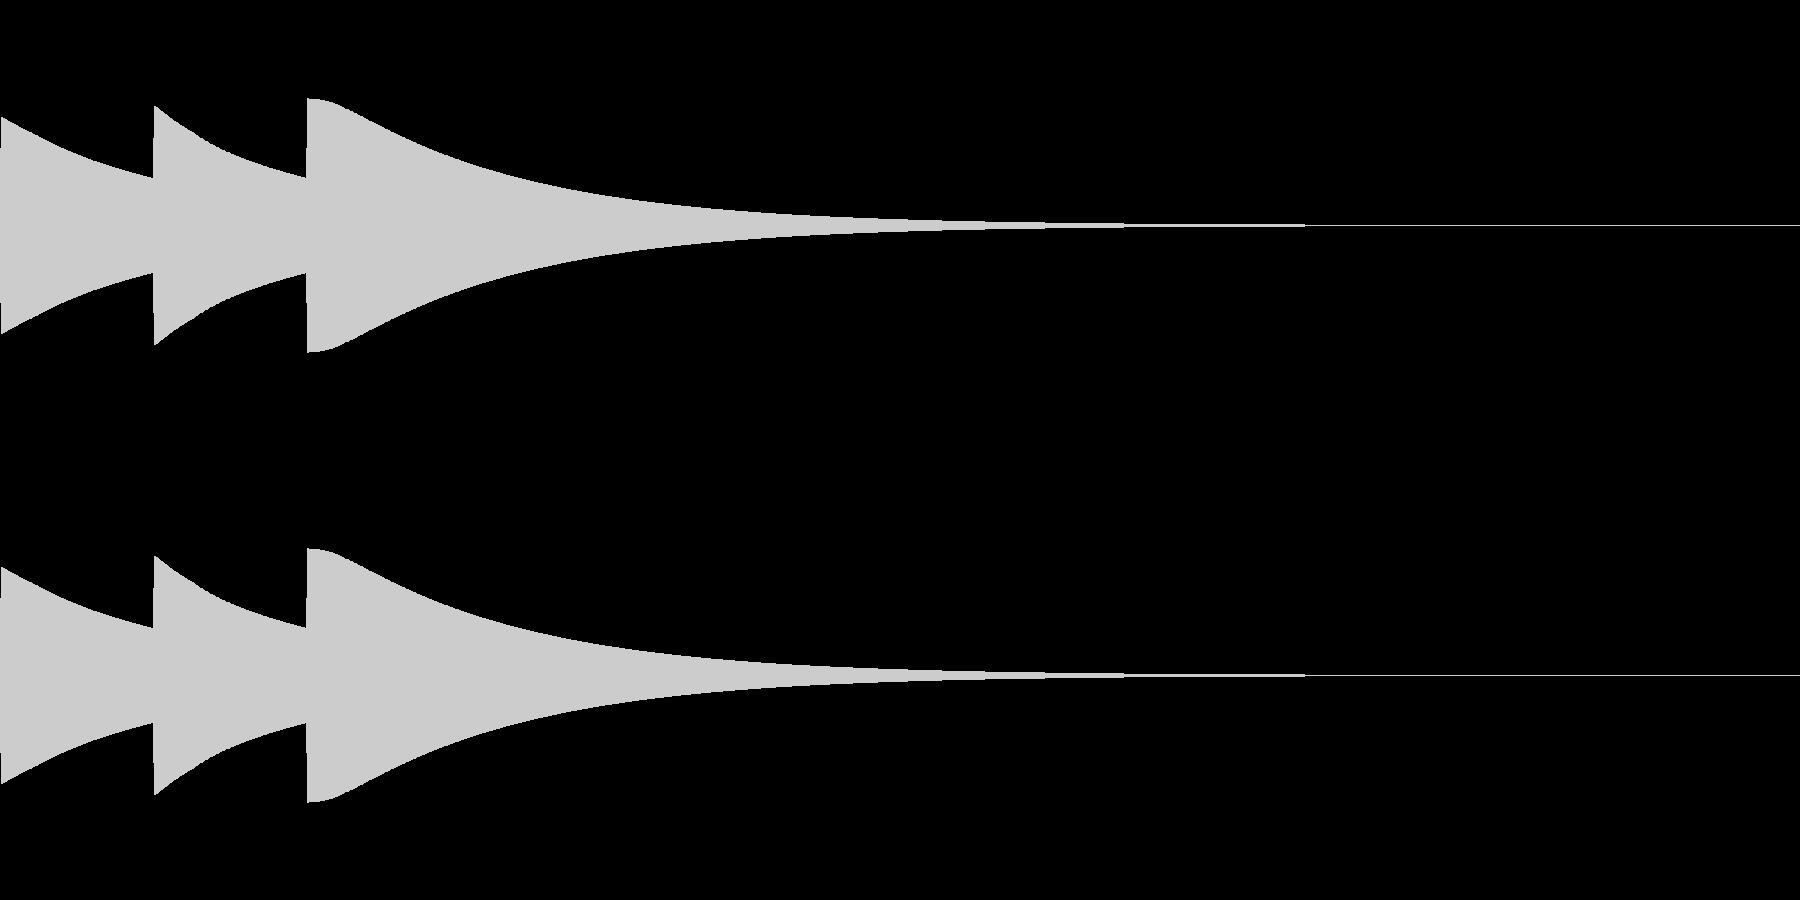 ベル/ポポポン/システム/金属/3の未再生の波形